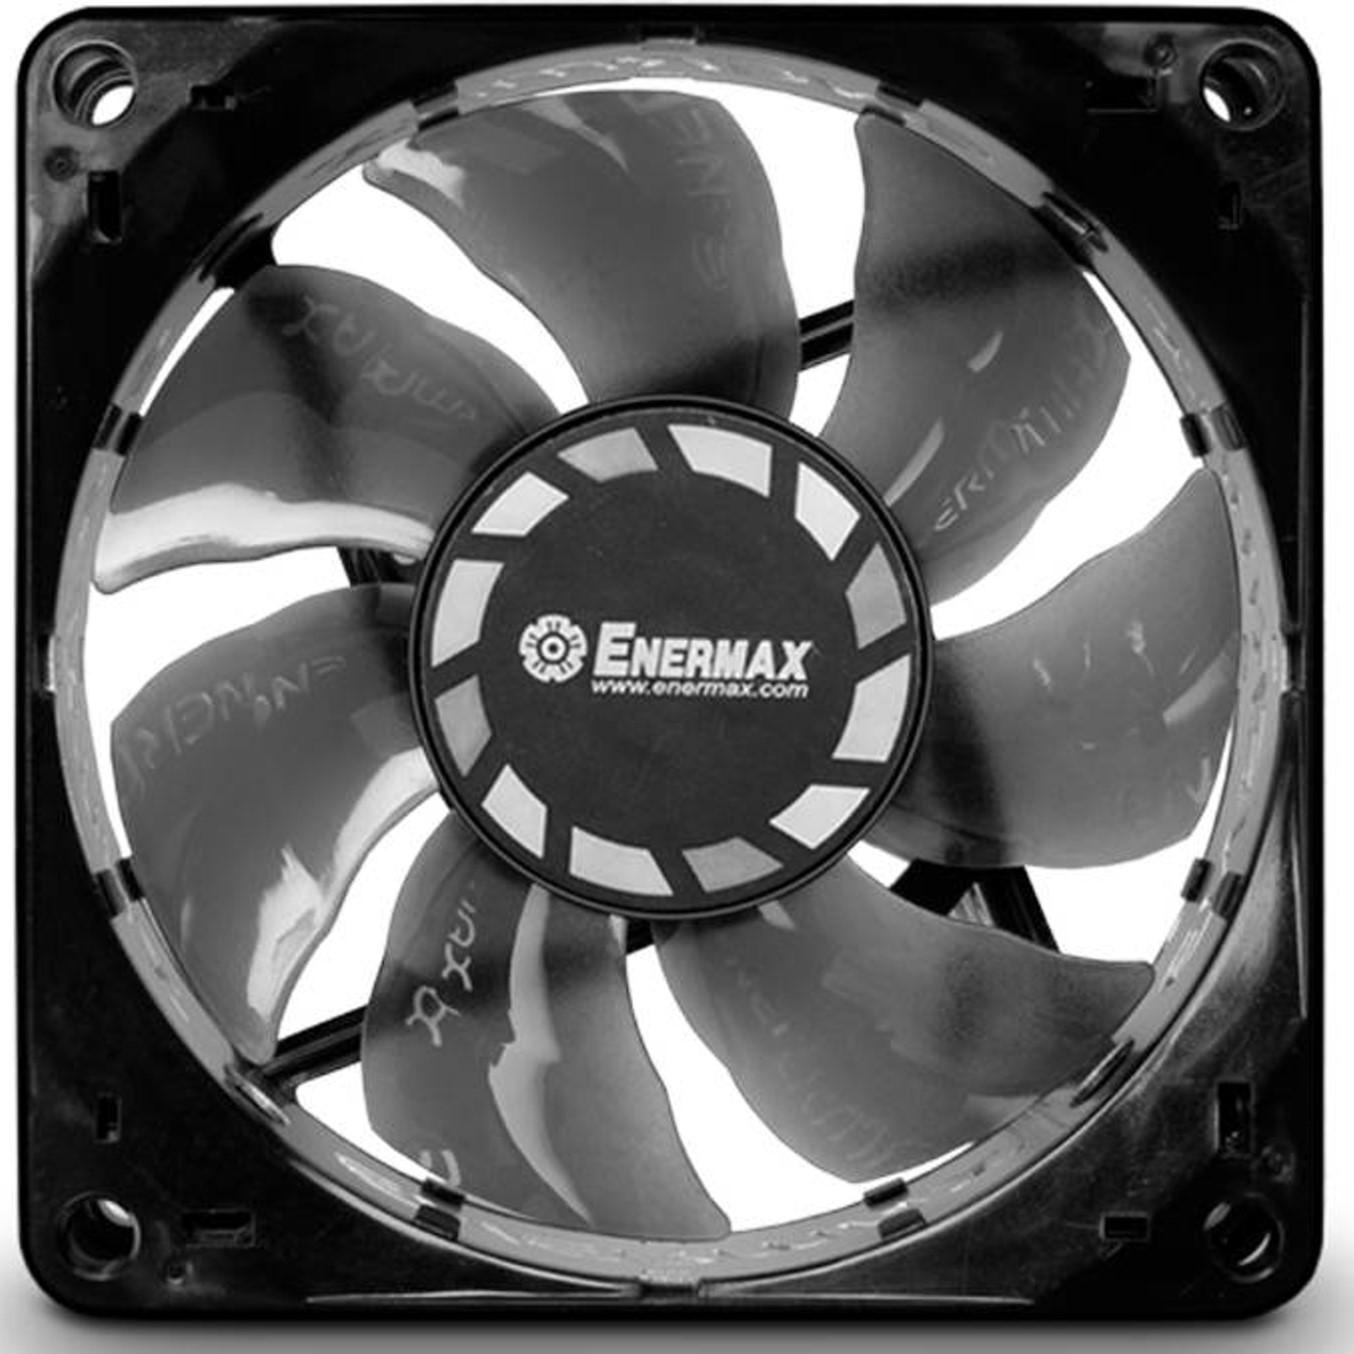 Ventilador-gaming-ultra-silencioso-enermax-para-interior-caja-ordenador-8cm